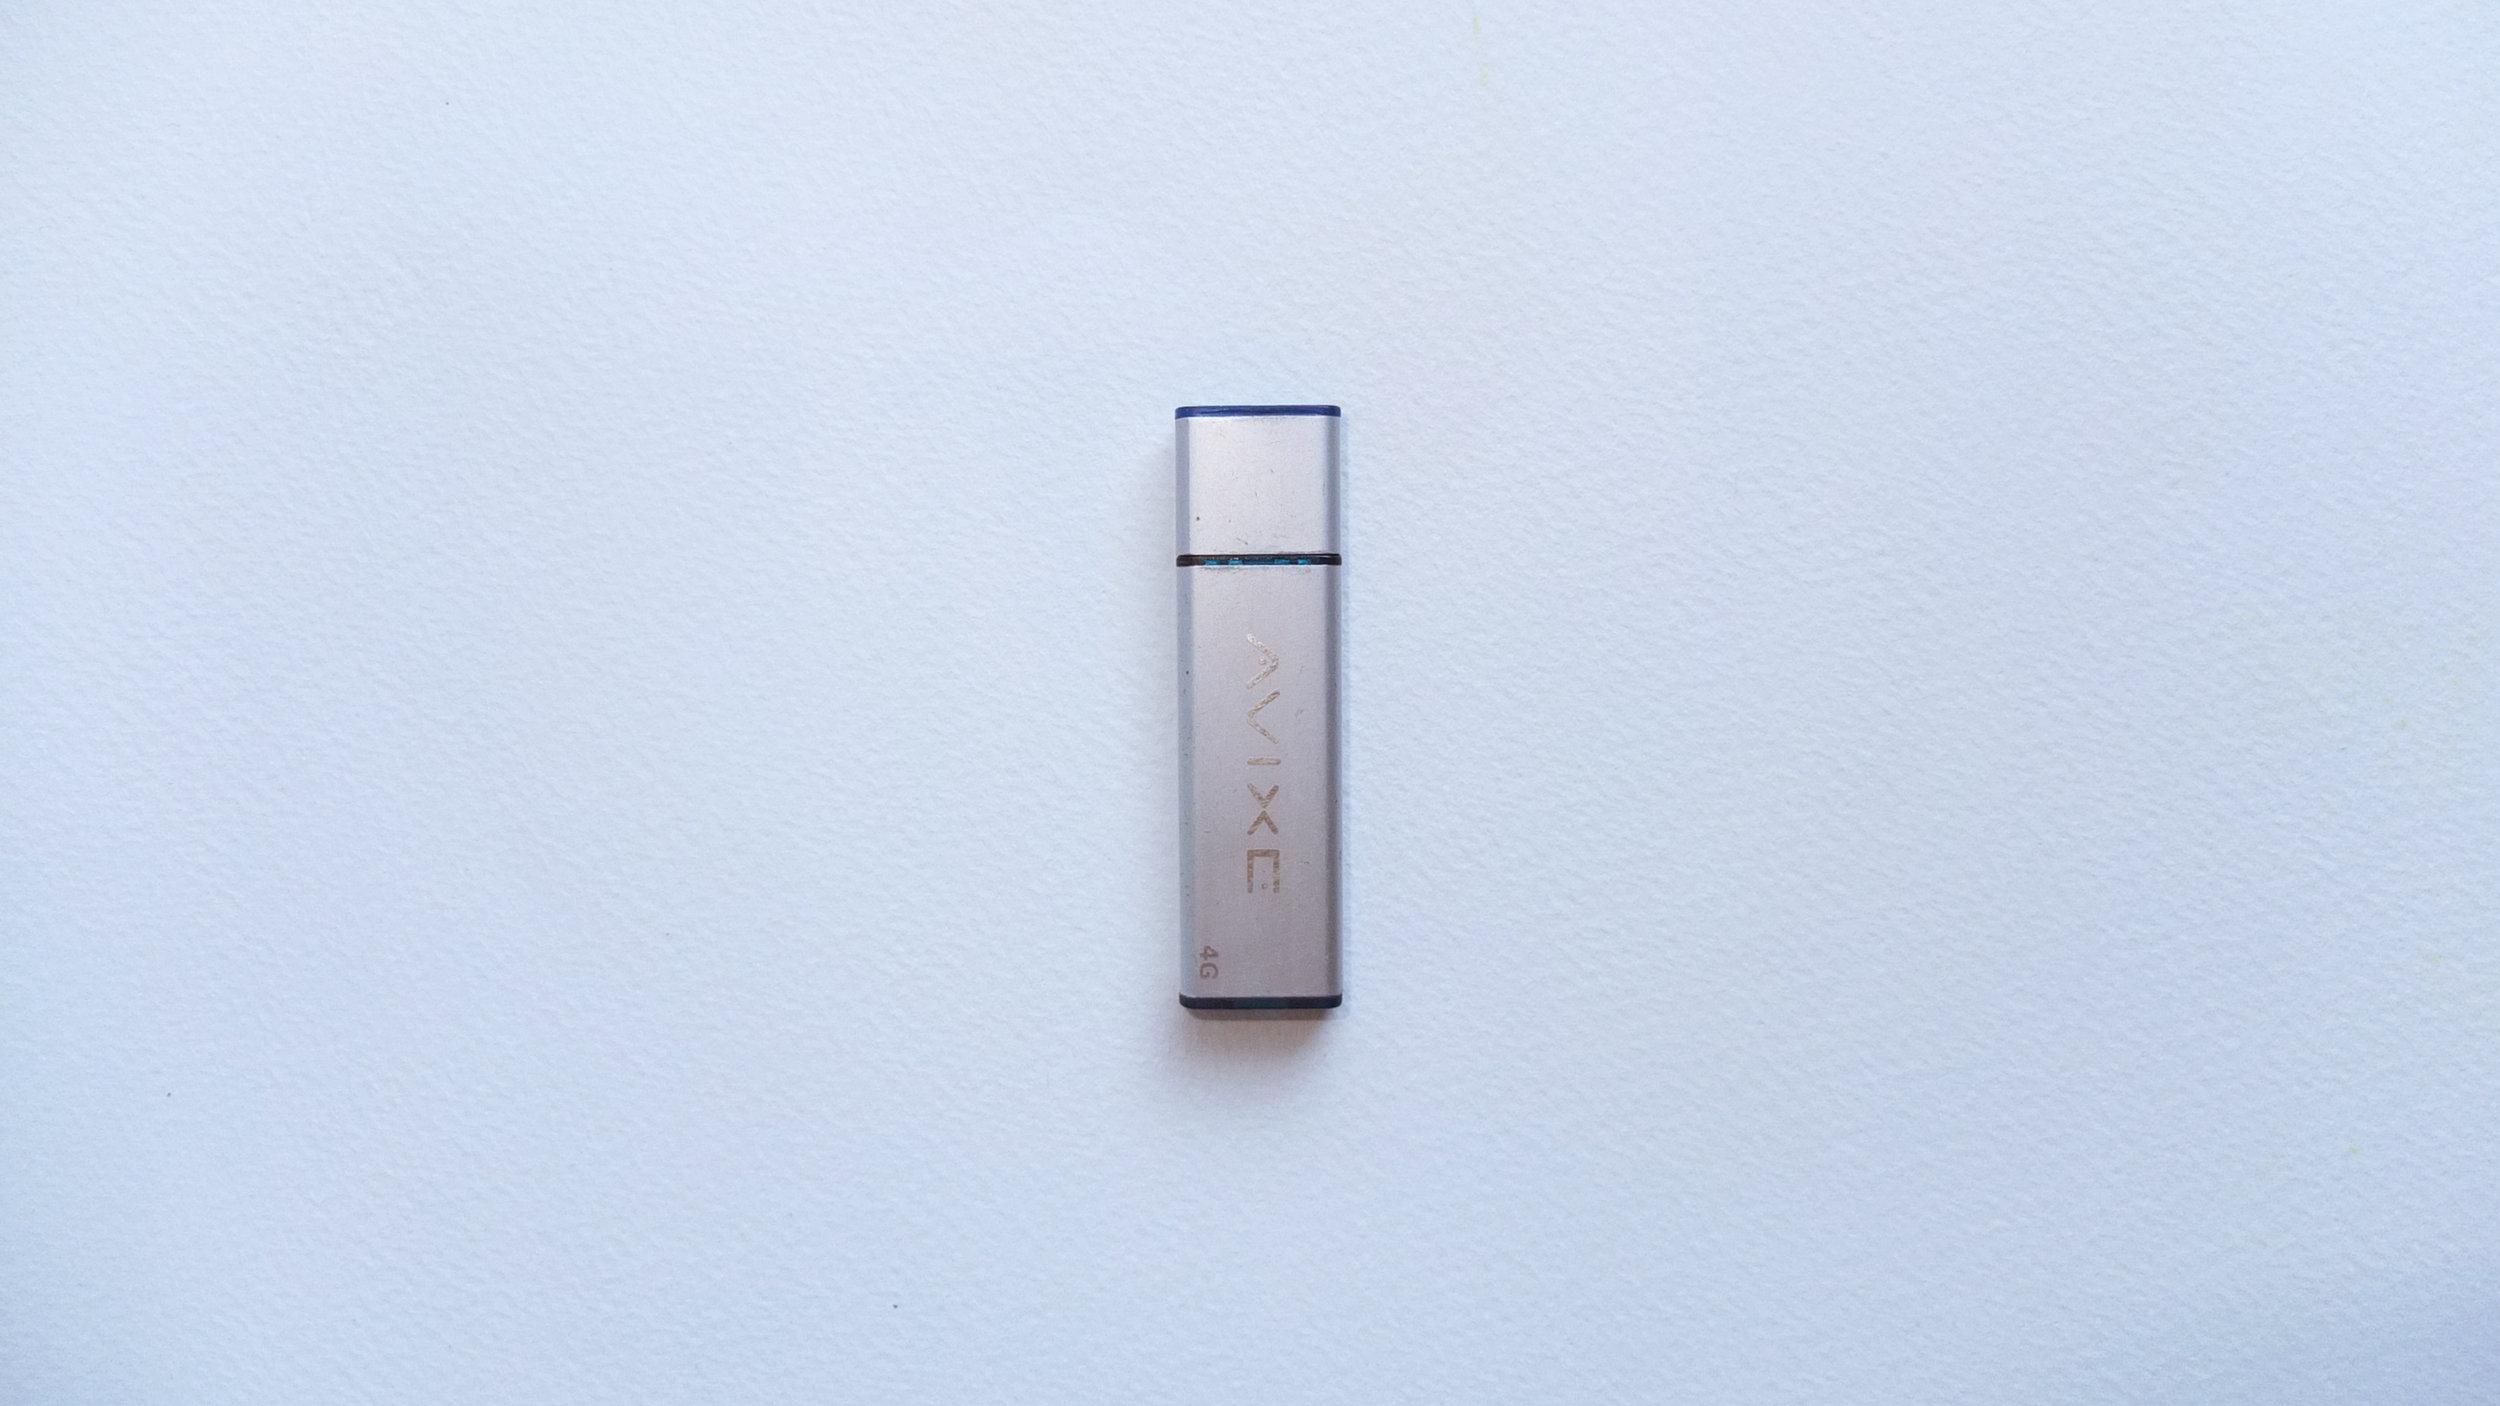 USB No.32